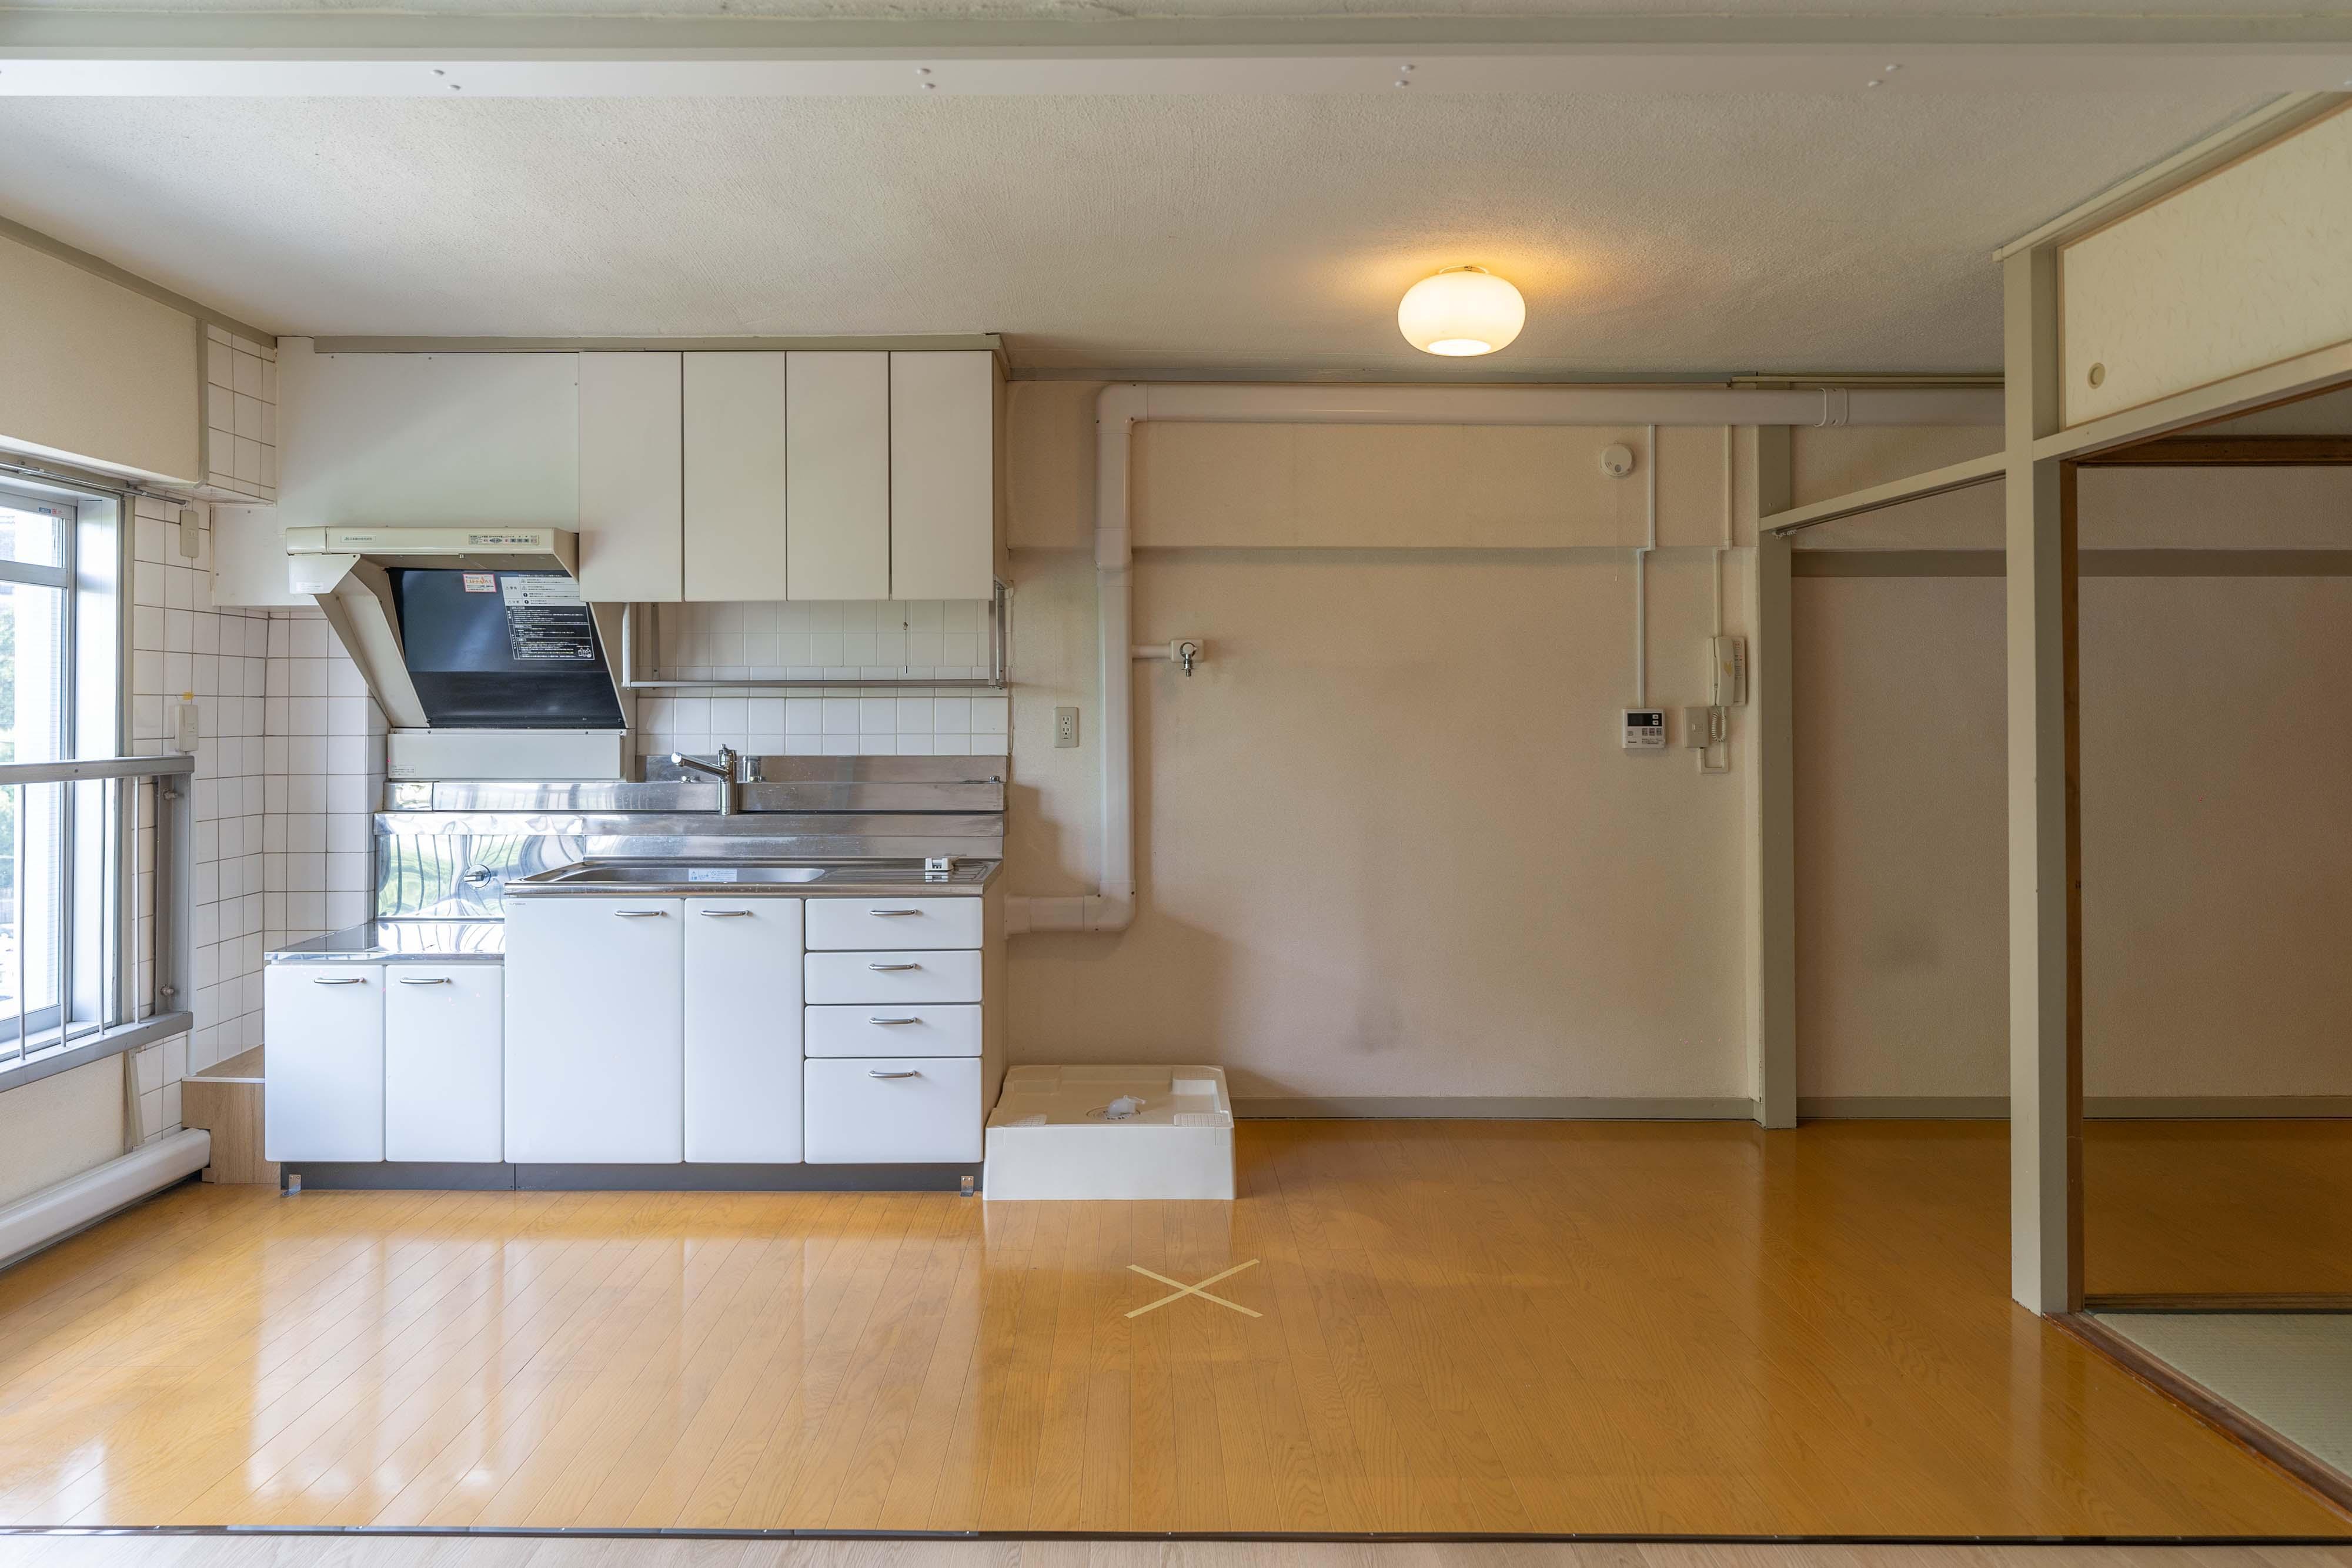 キッチン横に洗濯機置き場。ガスコンロはご用意ください